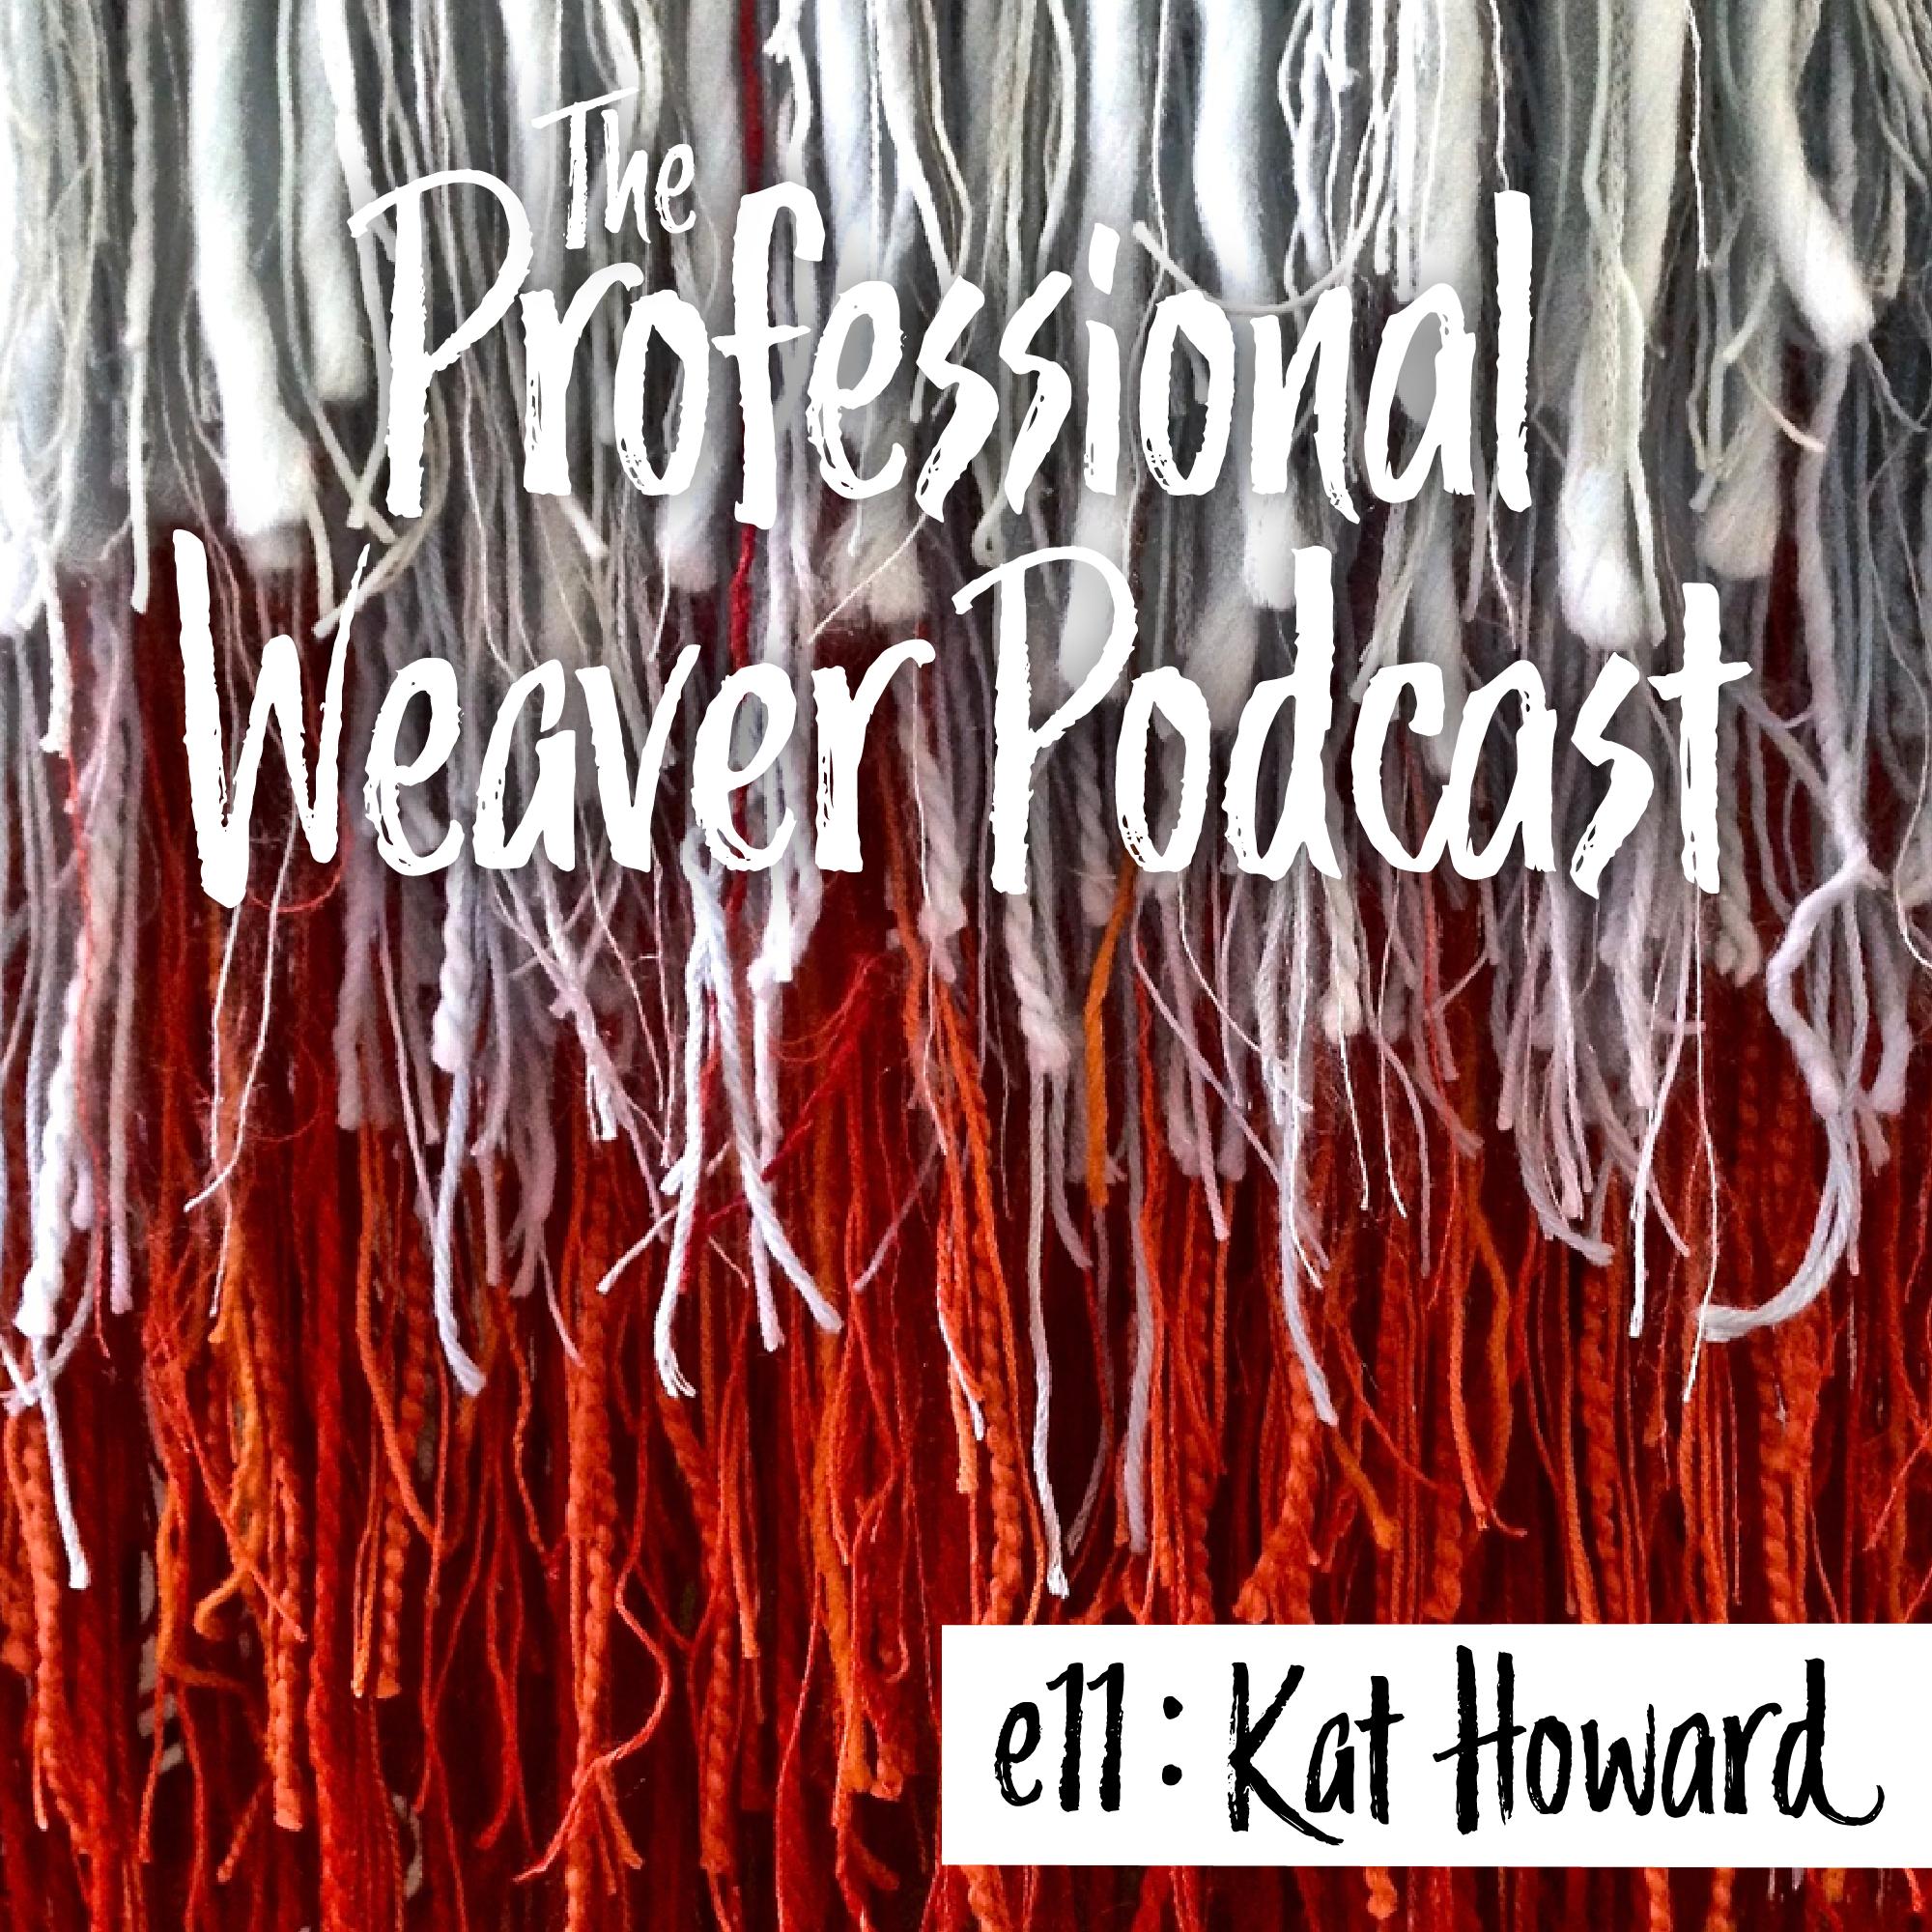 Professional Weaver Podcast : Episode 11 : Kat Howard